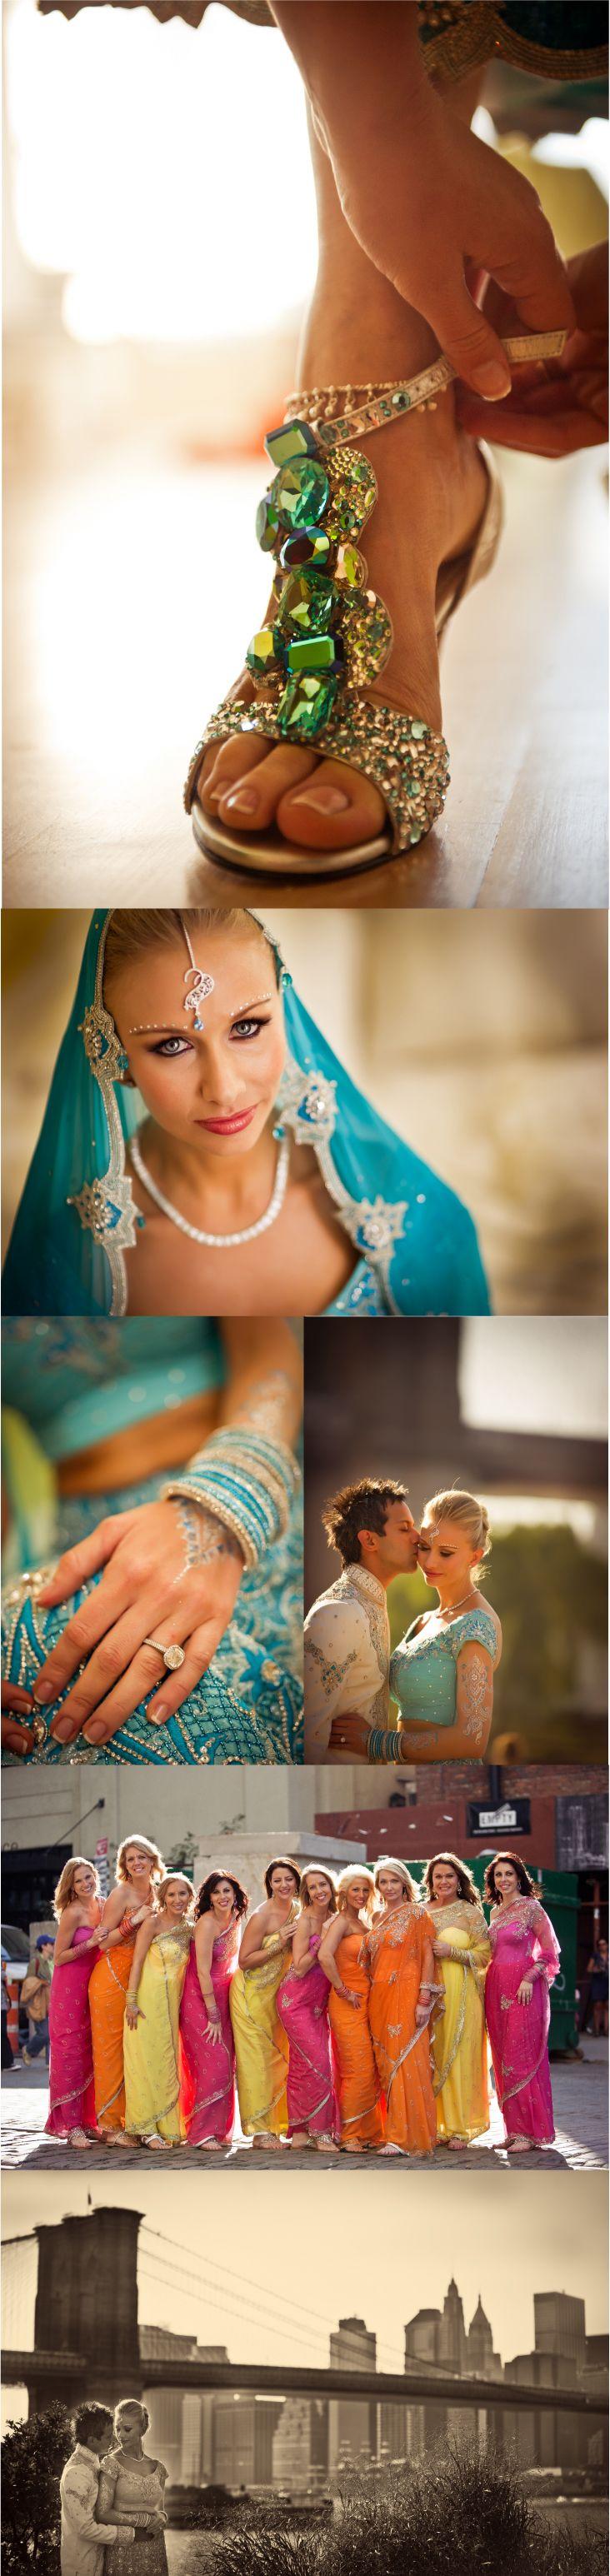 Multi-cultural wedding.